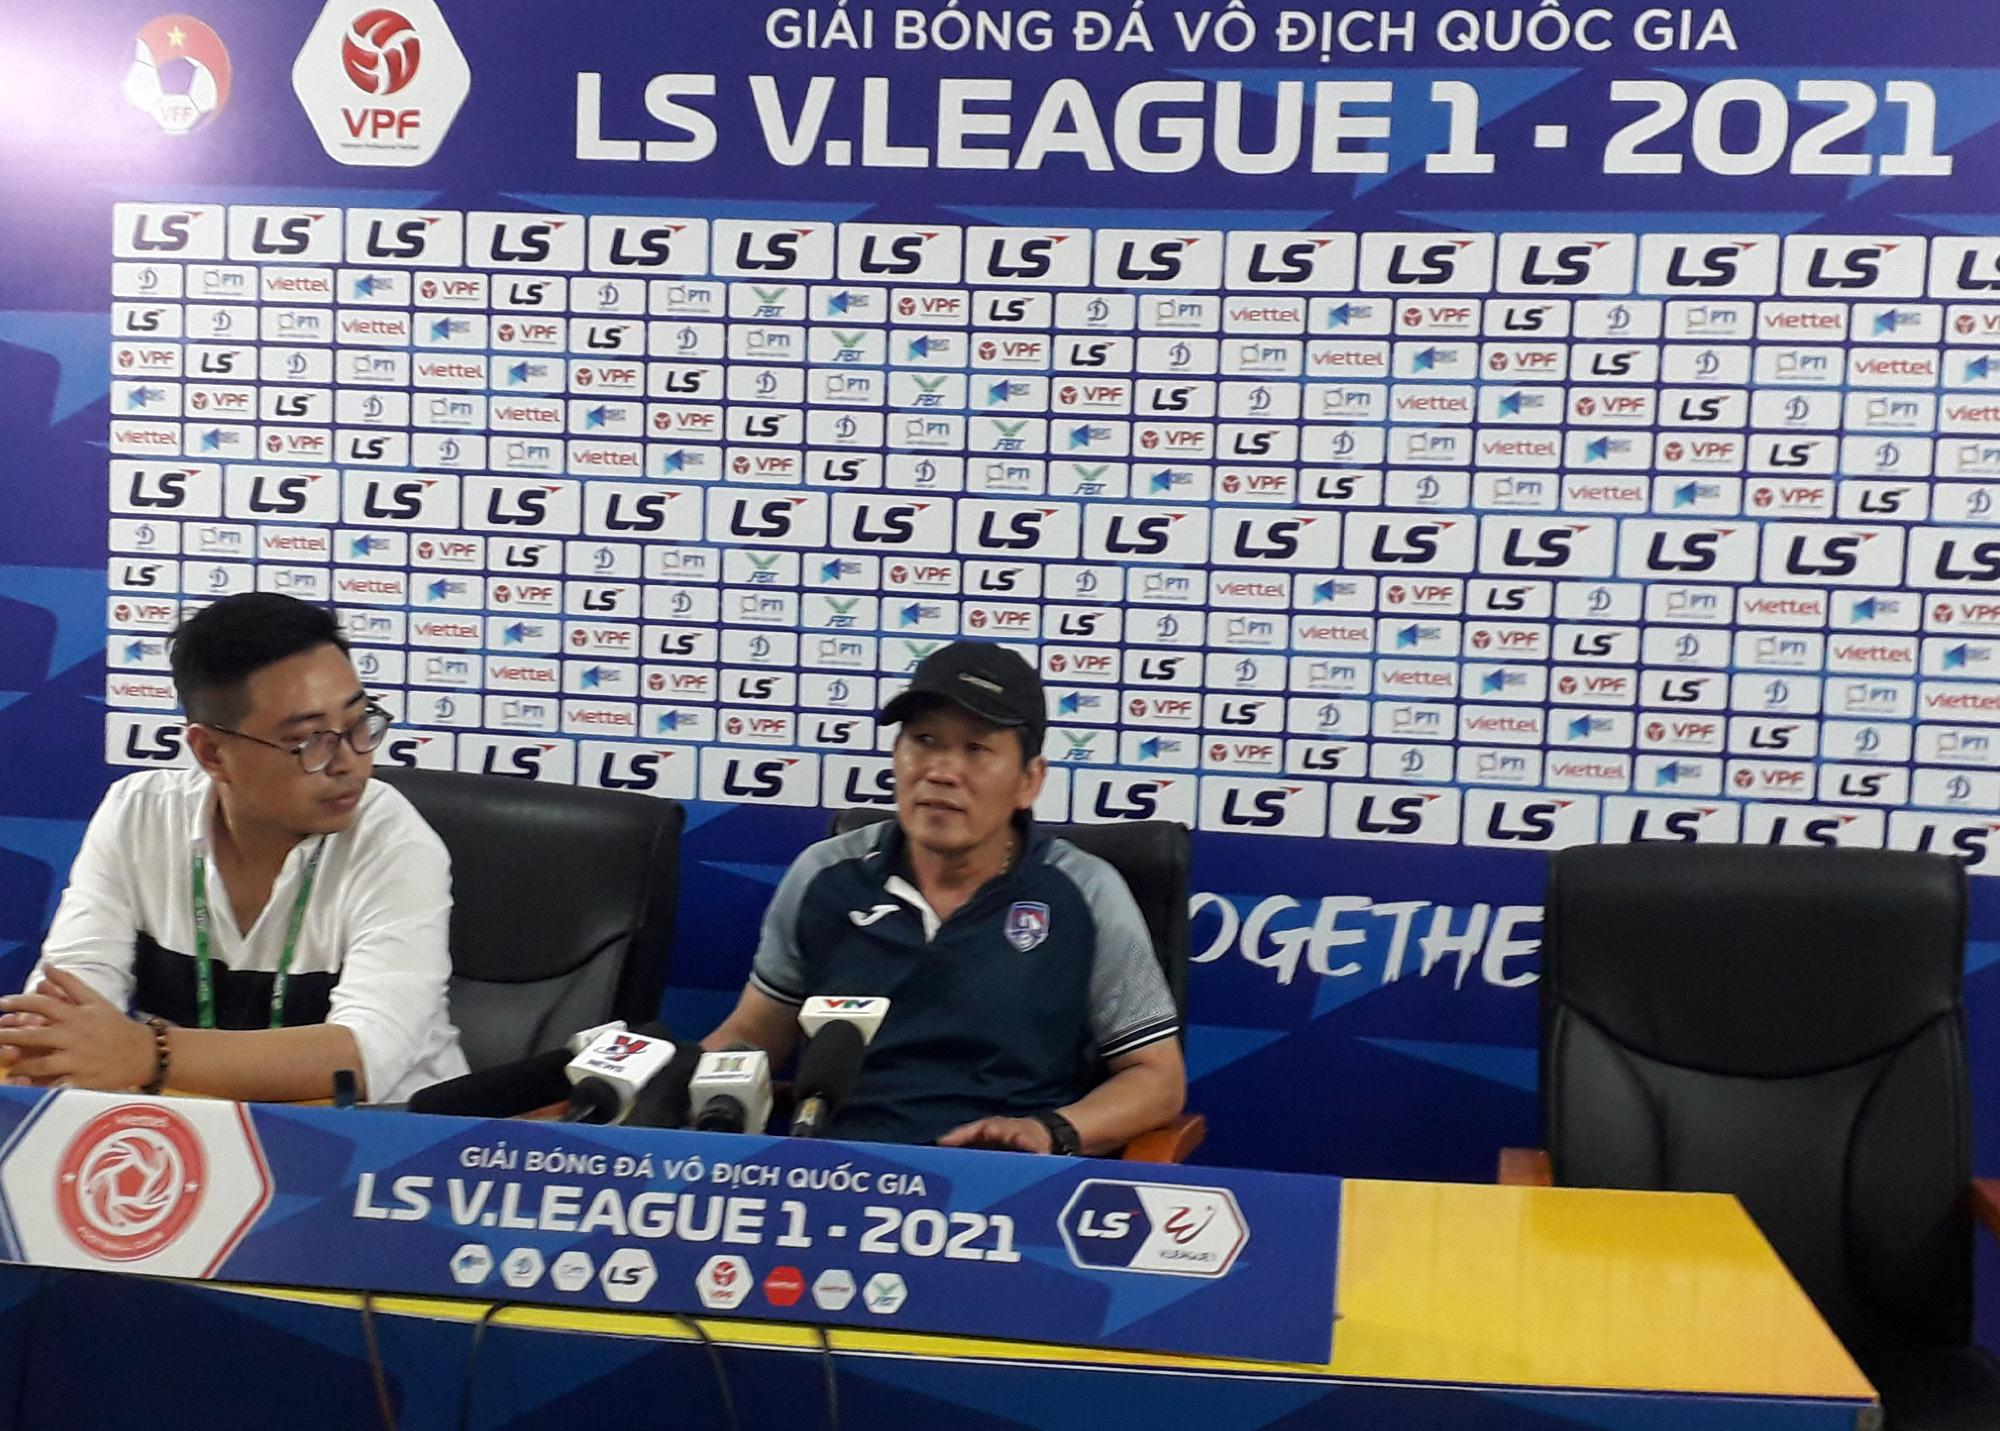 Trợ  lý Than Quảng Ninh Nghiêm Xuân Mạnh, cha cầu thủ Nghiêm Xuân Tú họp báo thay HLV Hoàng Thọ. Ảnh: Song Minh